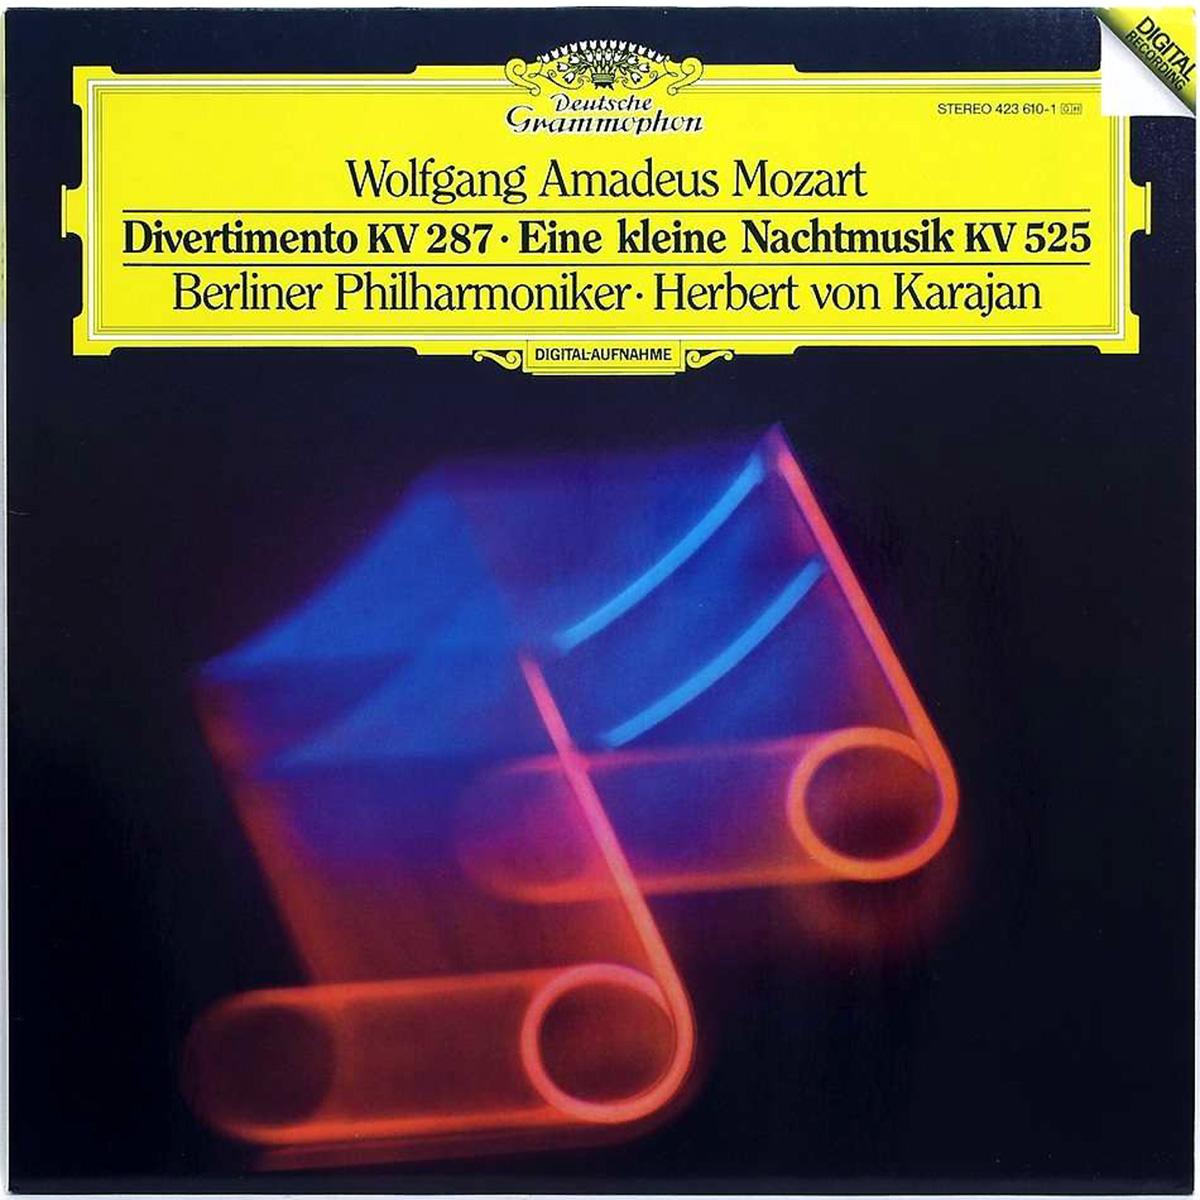 DGG 423 610 Mozart Divertimento Eine Kleine Nachtmusik Karajan DGG Digital Aufnahme